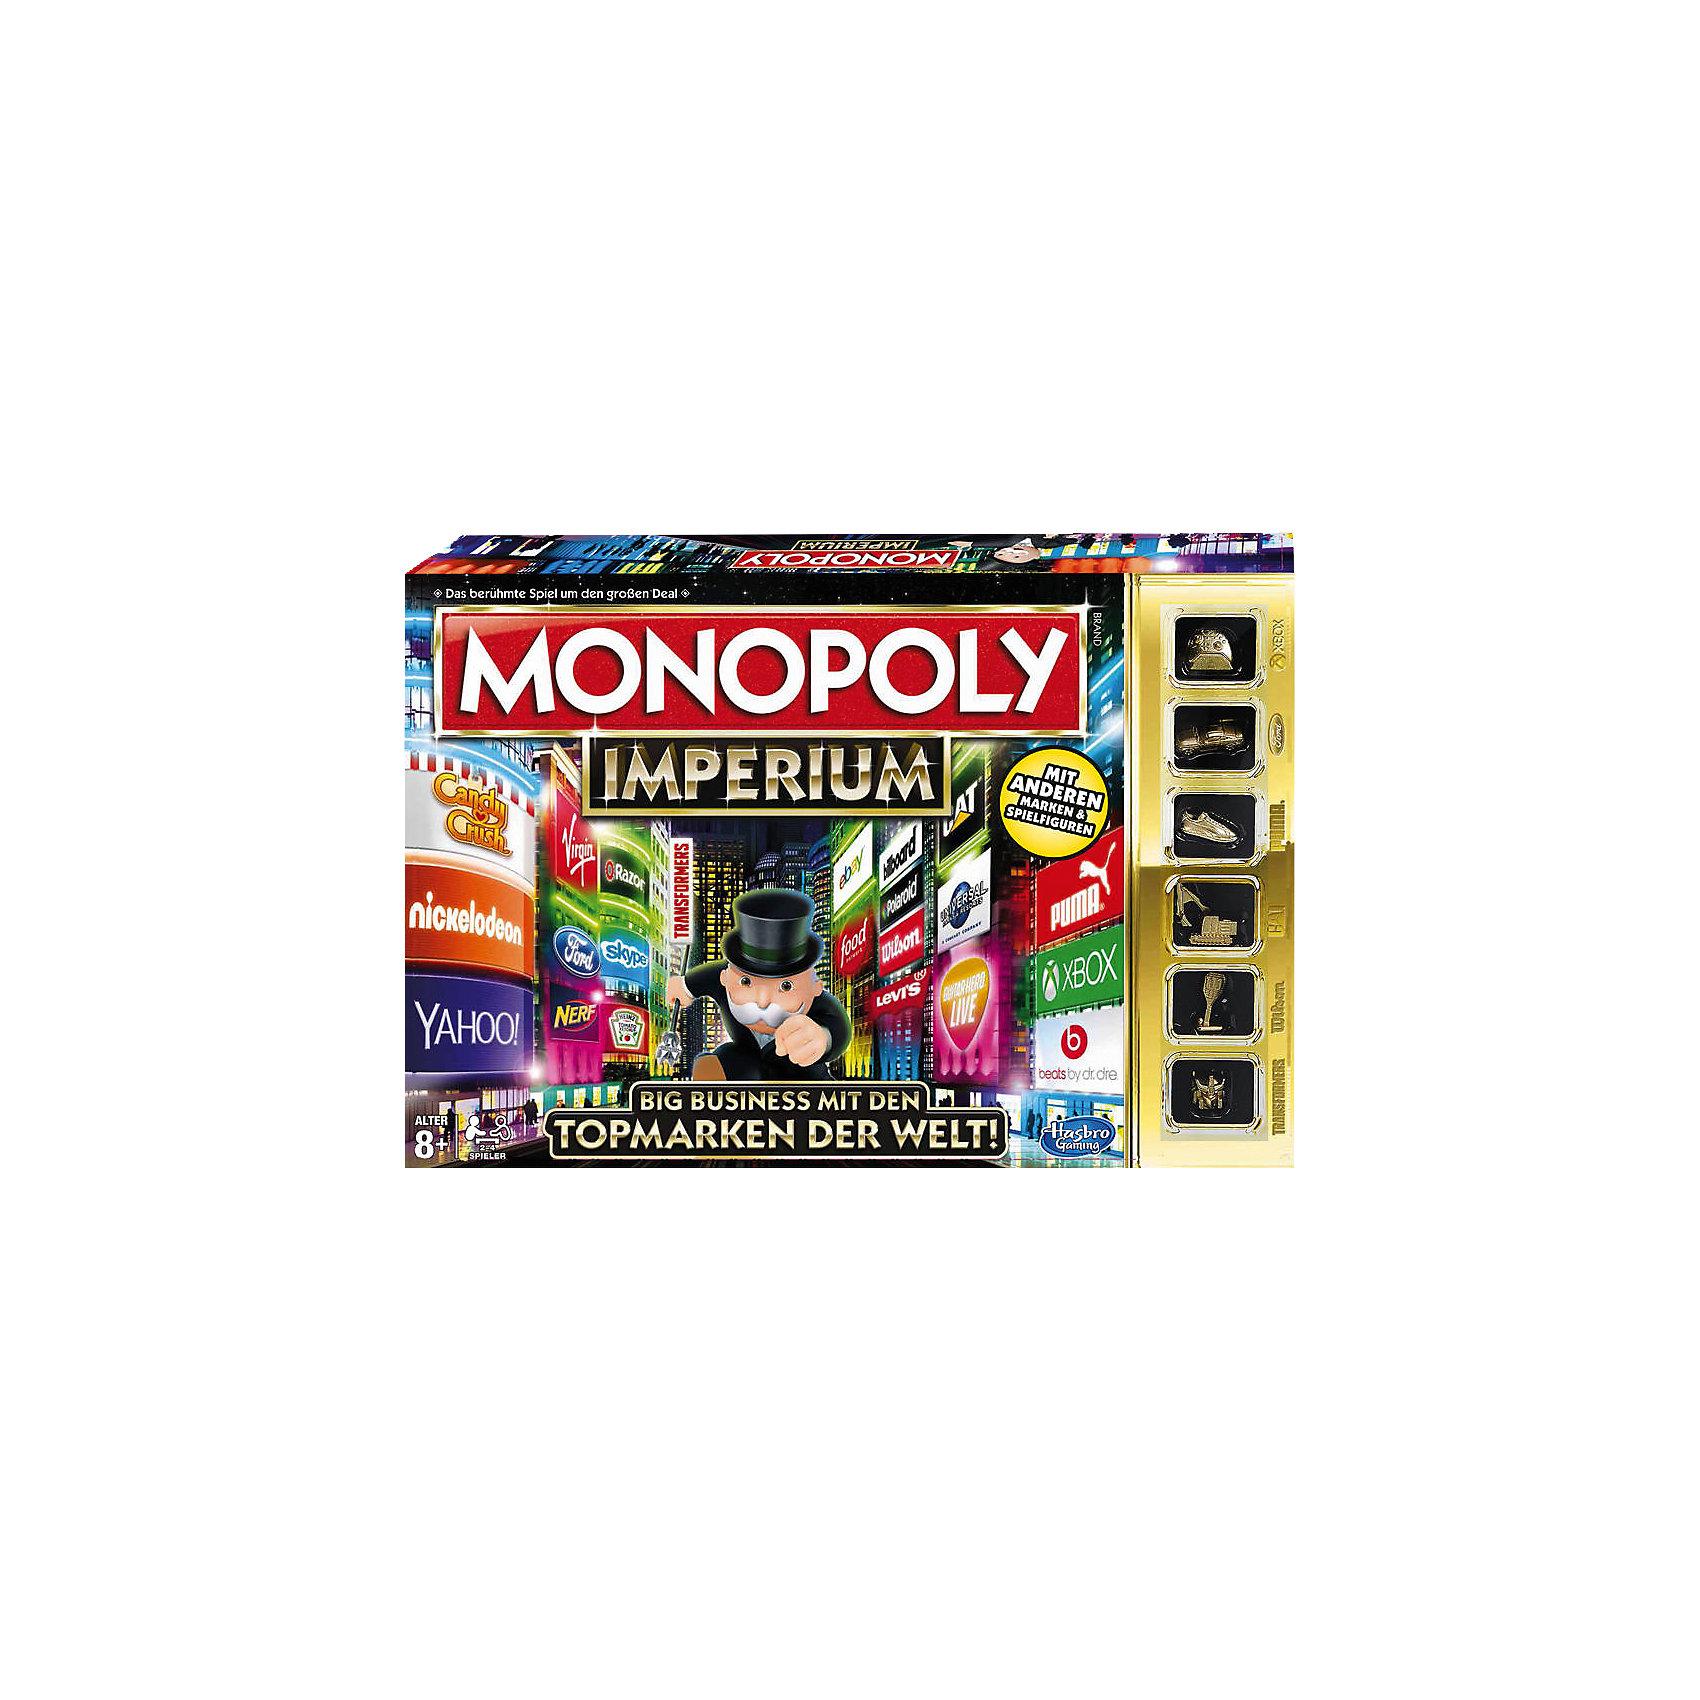 Игра Монополия Империя, HasbroИзвестная и всеми любимая игра стала еще интереснее. Идея игры осталась прежней, только теперь борьба идет не за обладание недвижимостью, а за владение брендами. В начале игры игрокам выдаются башенки, которые надо заполнить выкупленными брендами. Тот, кто соберет больше логотипов в своей башне, получит больше прибыли, тот кто первым достигнет вершины - выйдет победителем! Смело банкроть соперников и вырывайся вперед! <br><br>Дополнительная информация:<br><br>- Материал: пластик, картон.<br>- Размер: 40х27х5 см.<br>- Комплектация: игровое поле; 4 башни; 6 фишек; 30 жетонов с логотипами; 6 жетонов с офисами; 14 карточек Шанс; 14 карточек Империя; пачка денег; 2 игральных кубика.<br>- Количество игроков: 2-4.<br><br>Игру Монополия Империя, Hasbro (Хасбро), можно купить в нашем магазине.<br><br>Ширина мм: 403<br>Глубина мм: 271<br>Высота мм: 58<br>Вес г: 918<br>Возраст от месяцев: 96<br>Возраст до месяцев: 228<br>Пол: Унисекс<br>Возраст: Детский<br>SKU: 4325391